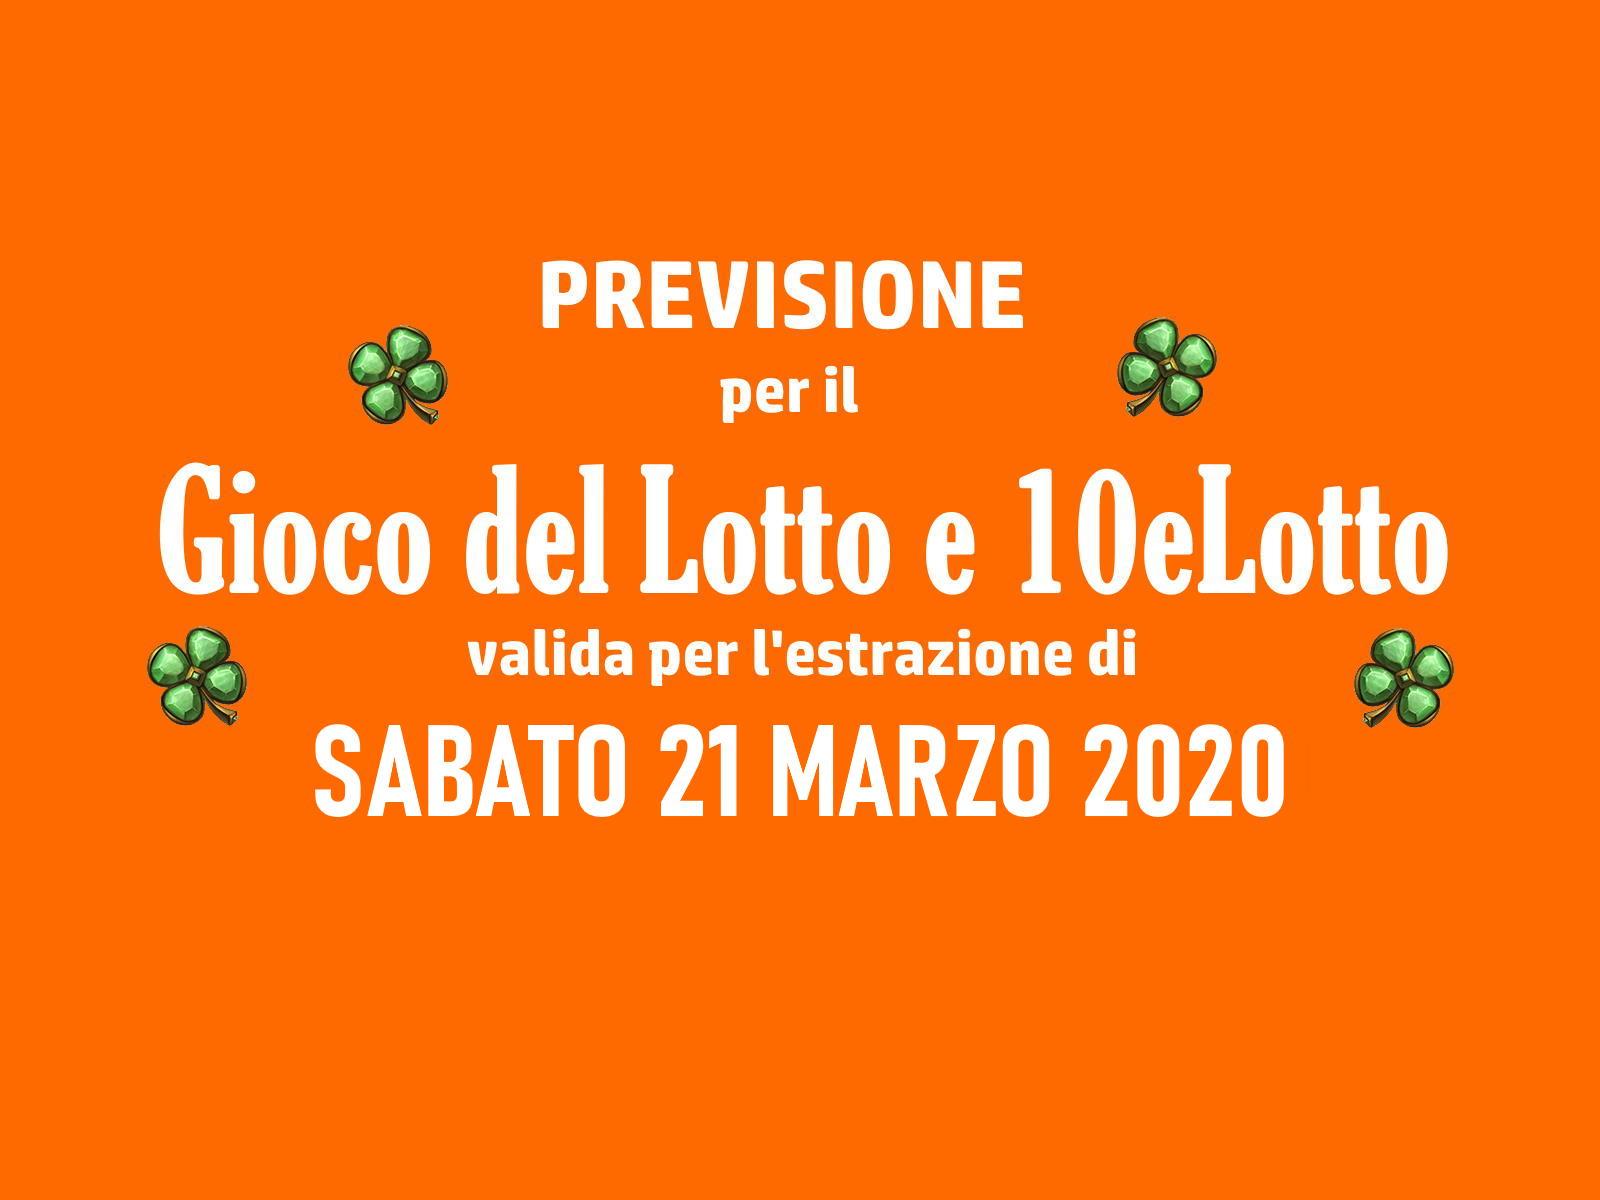 Previsione Lotto 21 Marzo 2020